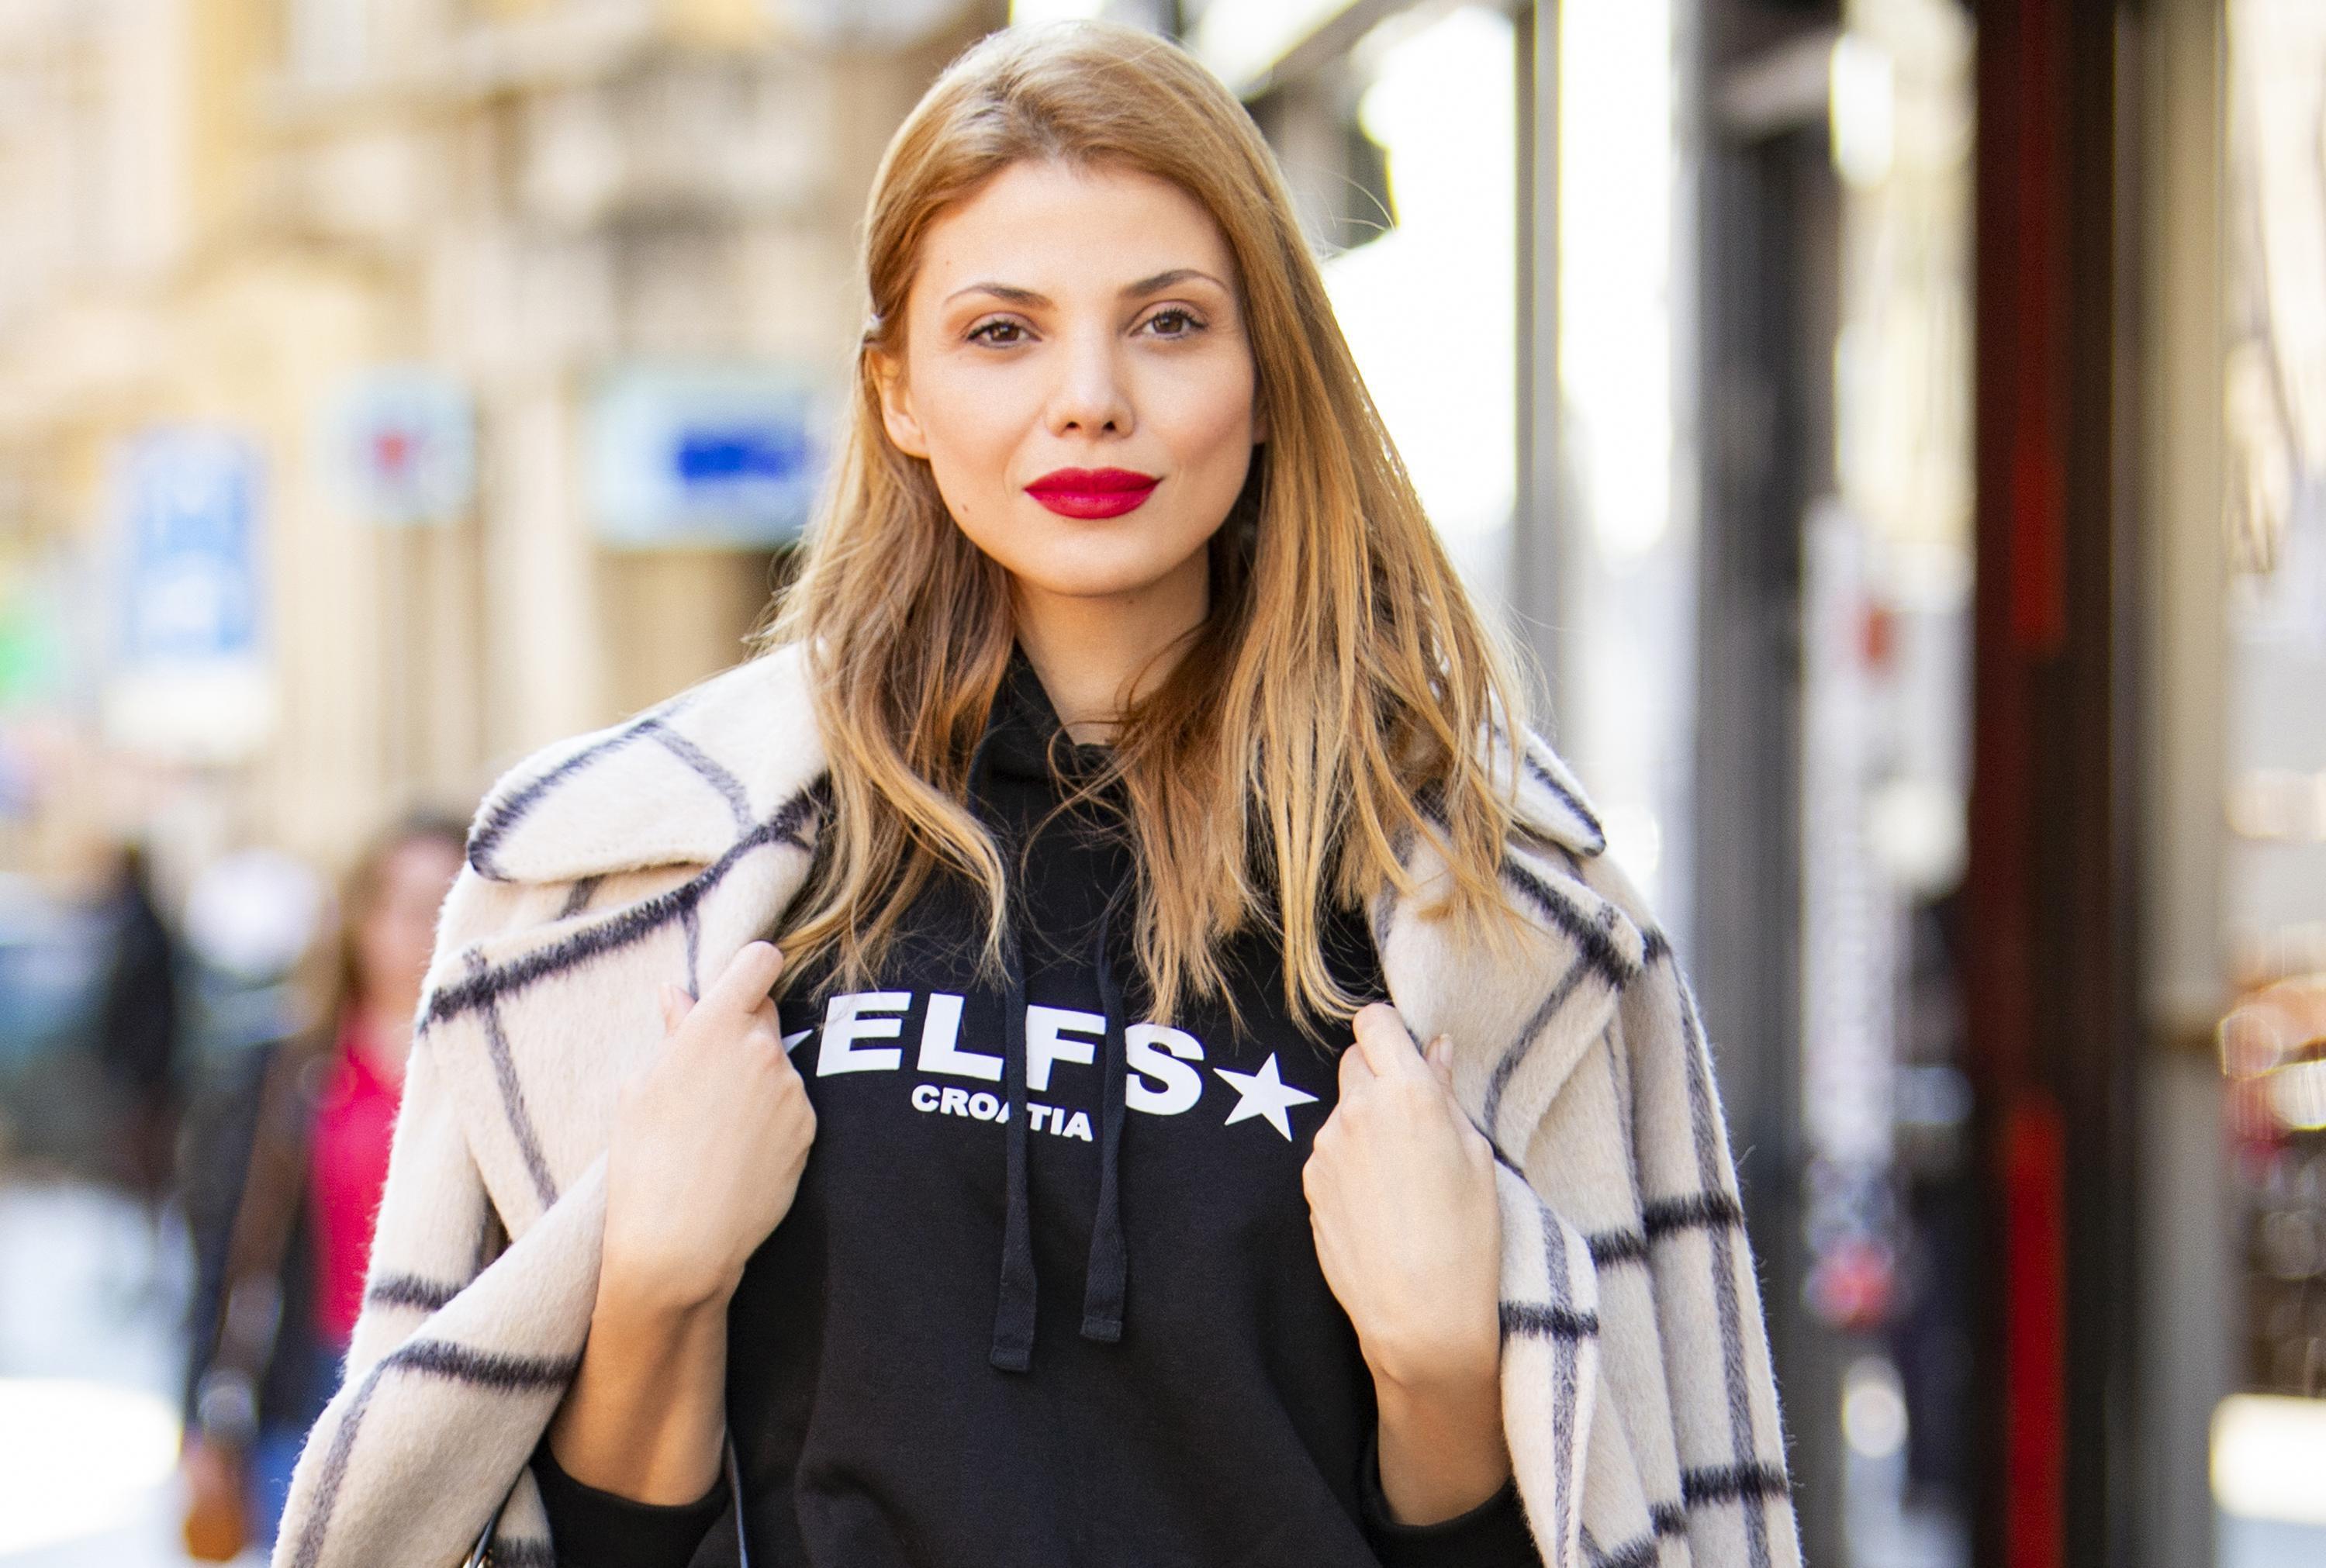 Lejla Filipović zna kako kombinirati nespojive komade: Lepršava suknja i trenirka pristaju joj savršeno